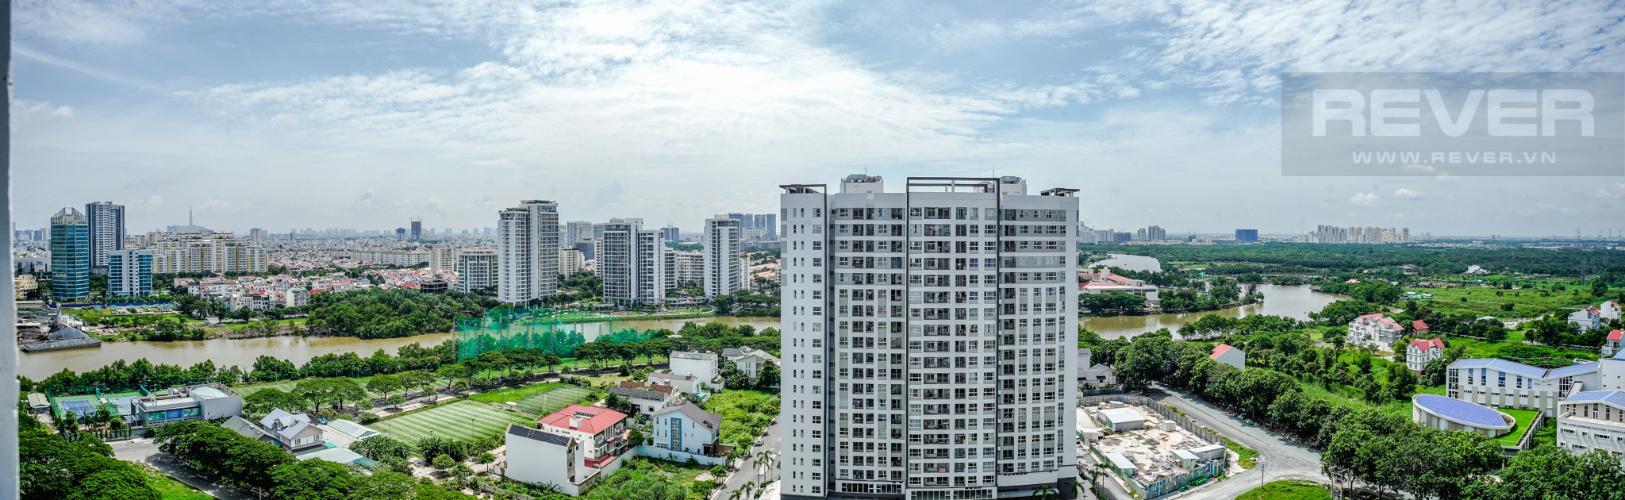 View Bán căn hộ Sunrise Riverside 2PN, tầng trung, view sông và hướng Đông đón gió